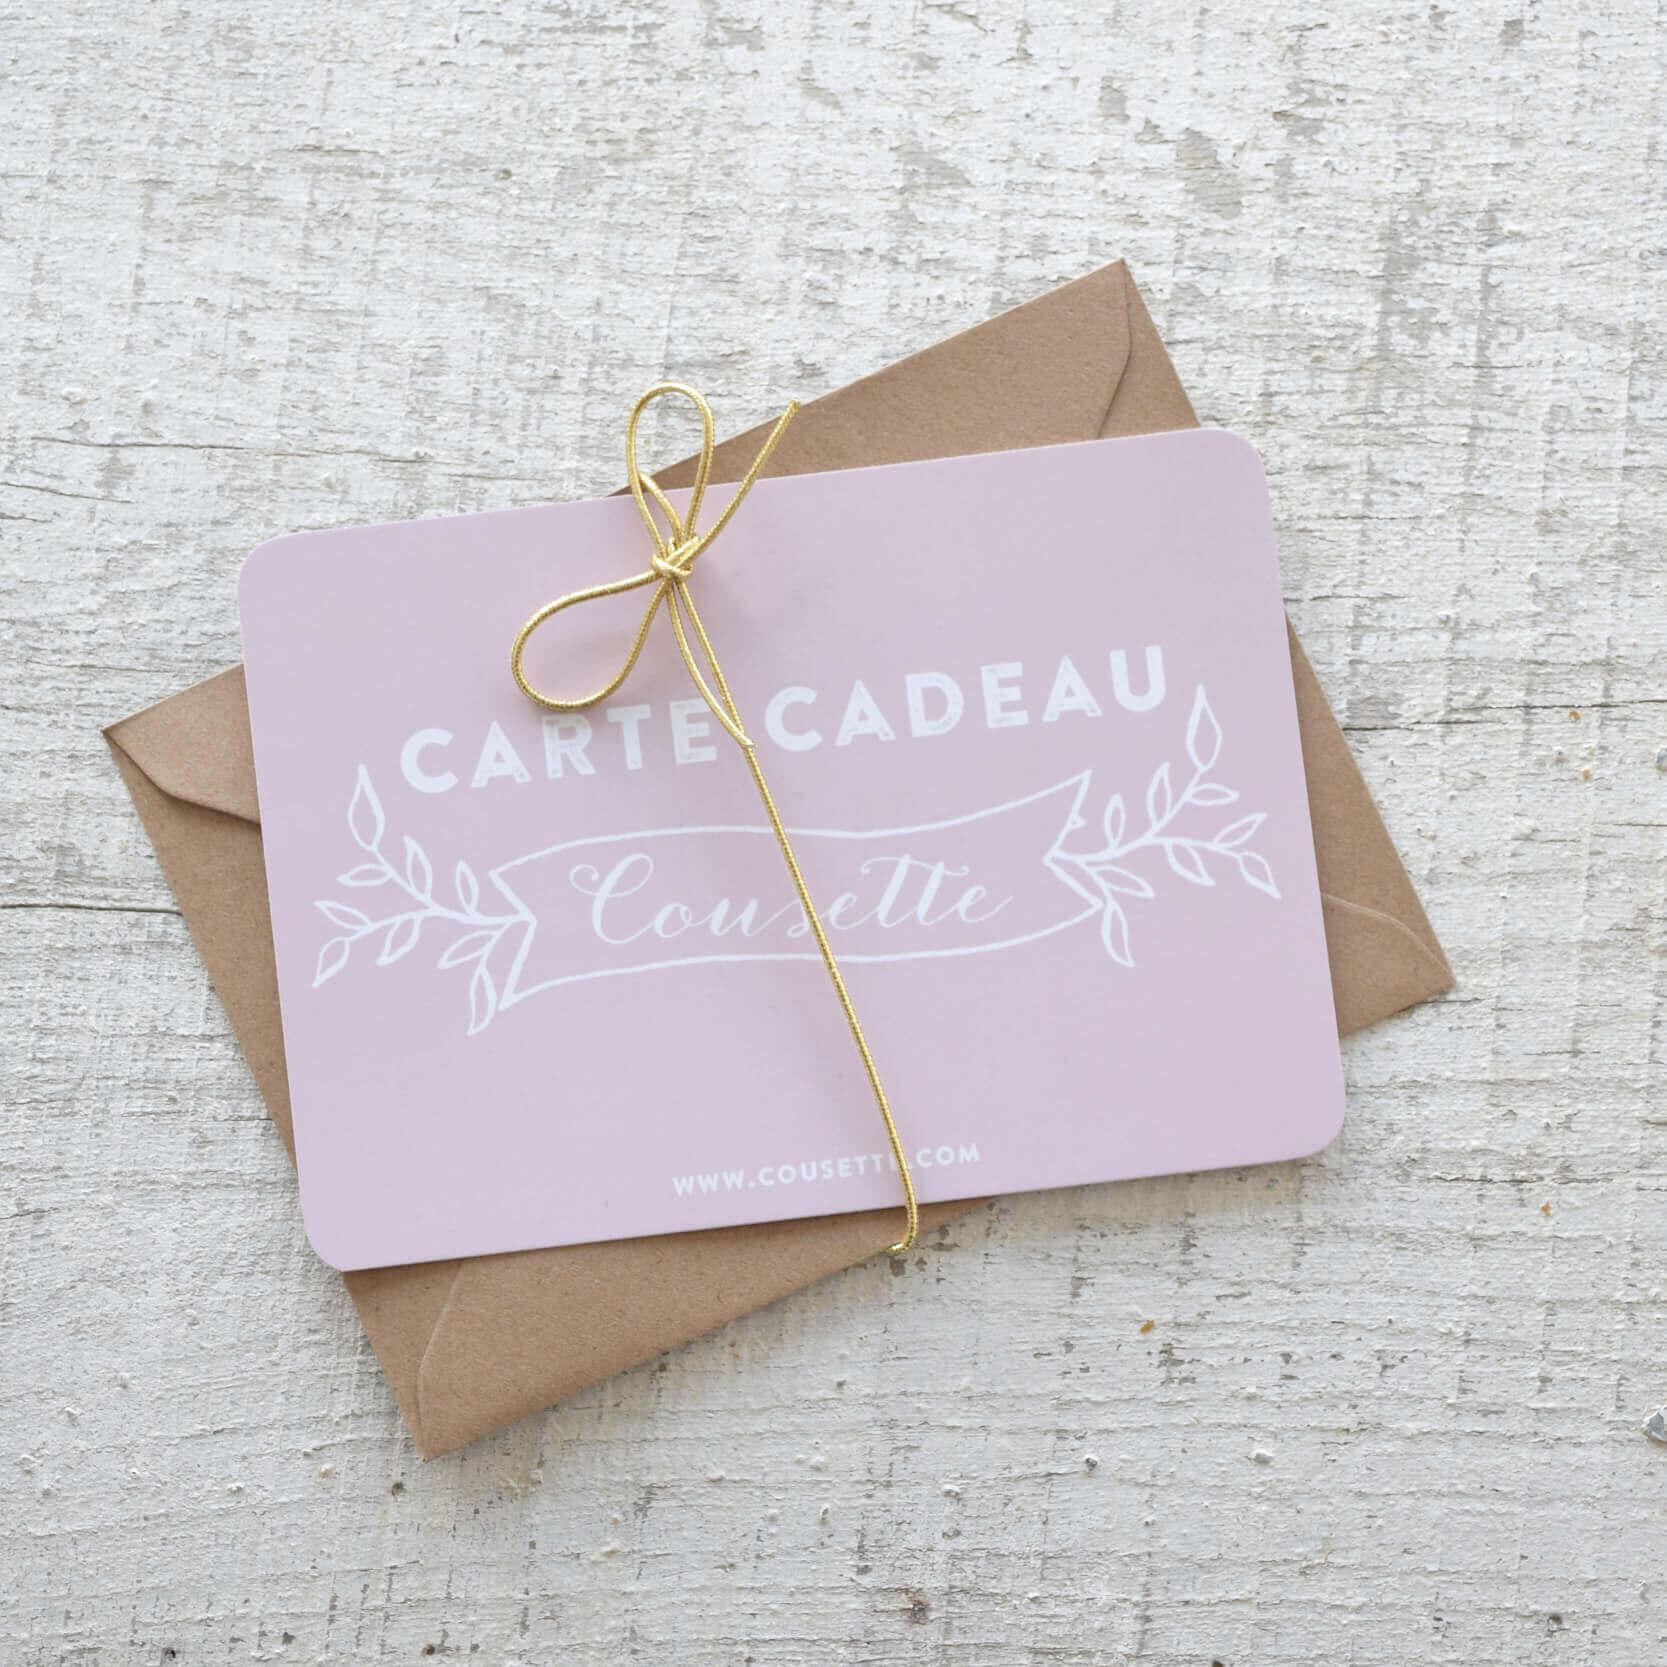 Carte cadeau couture